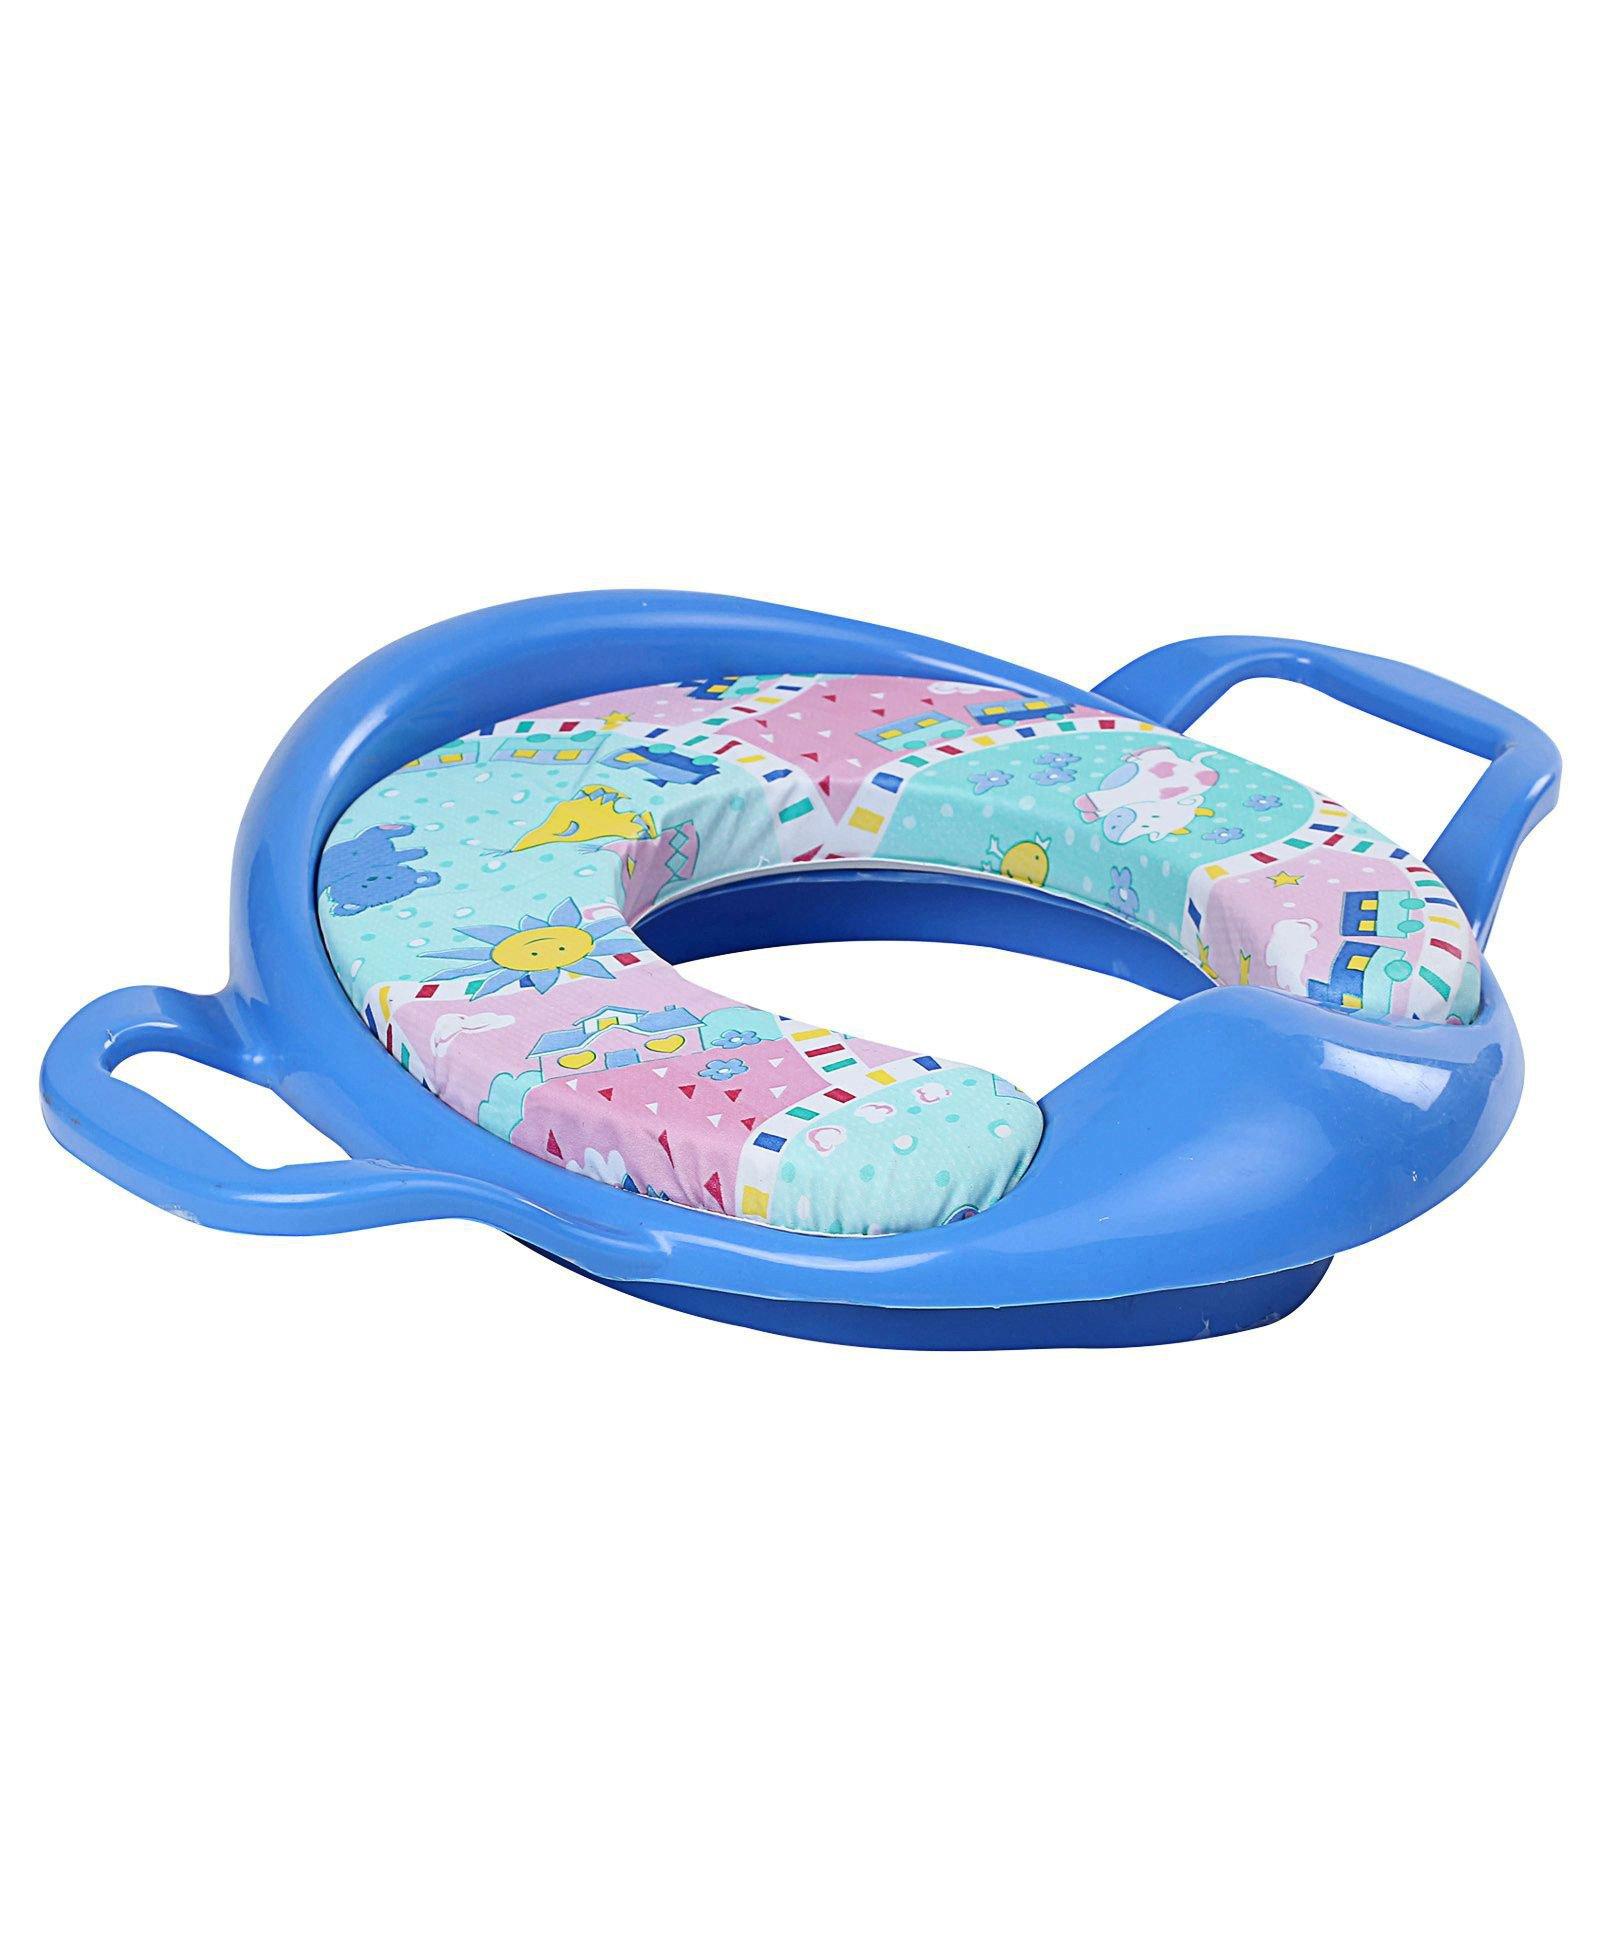 Babyhug Cushioned Potty Training Seat With Handle - Blue